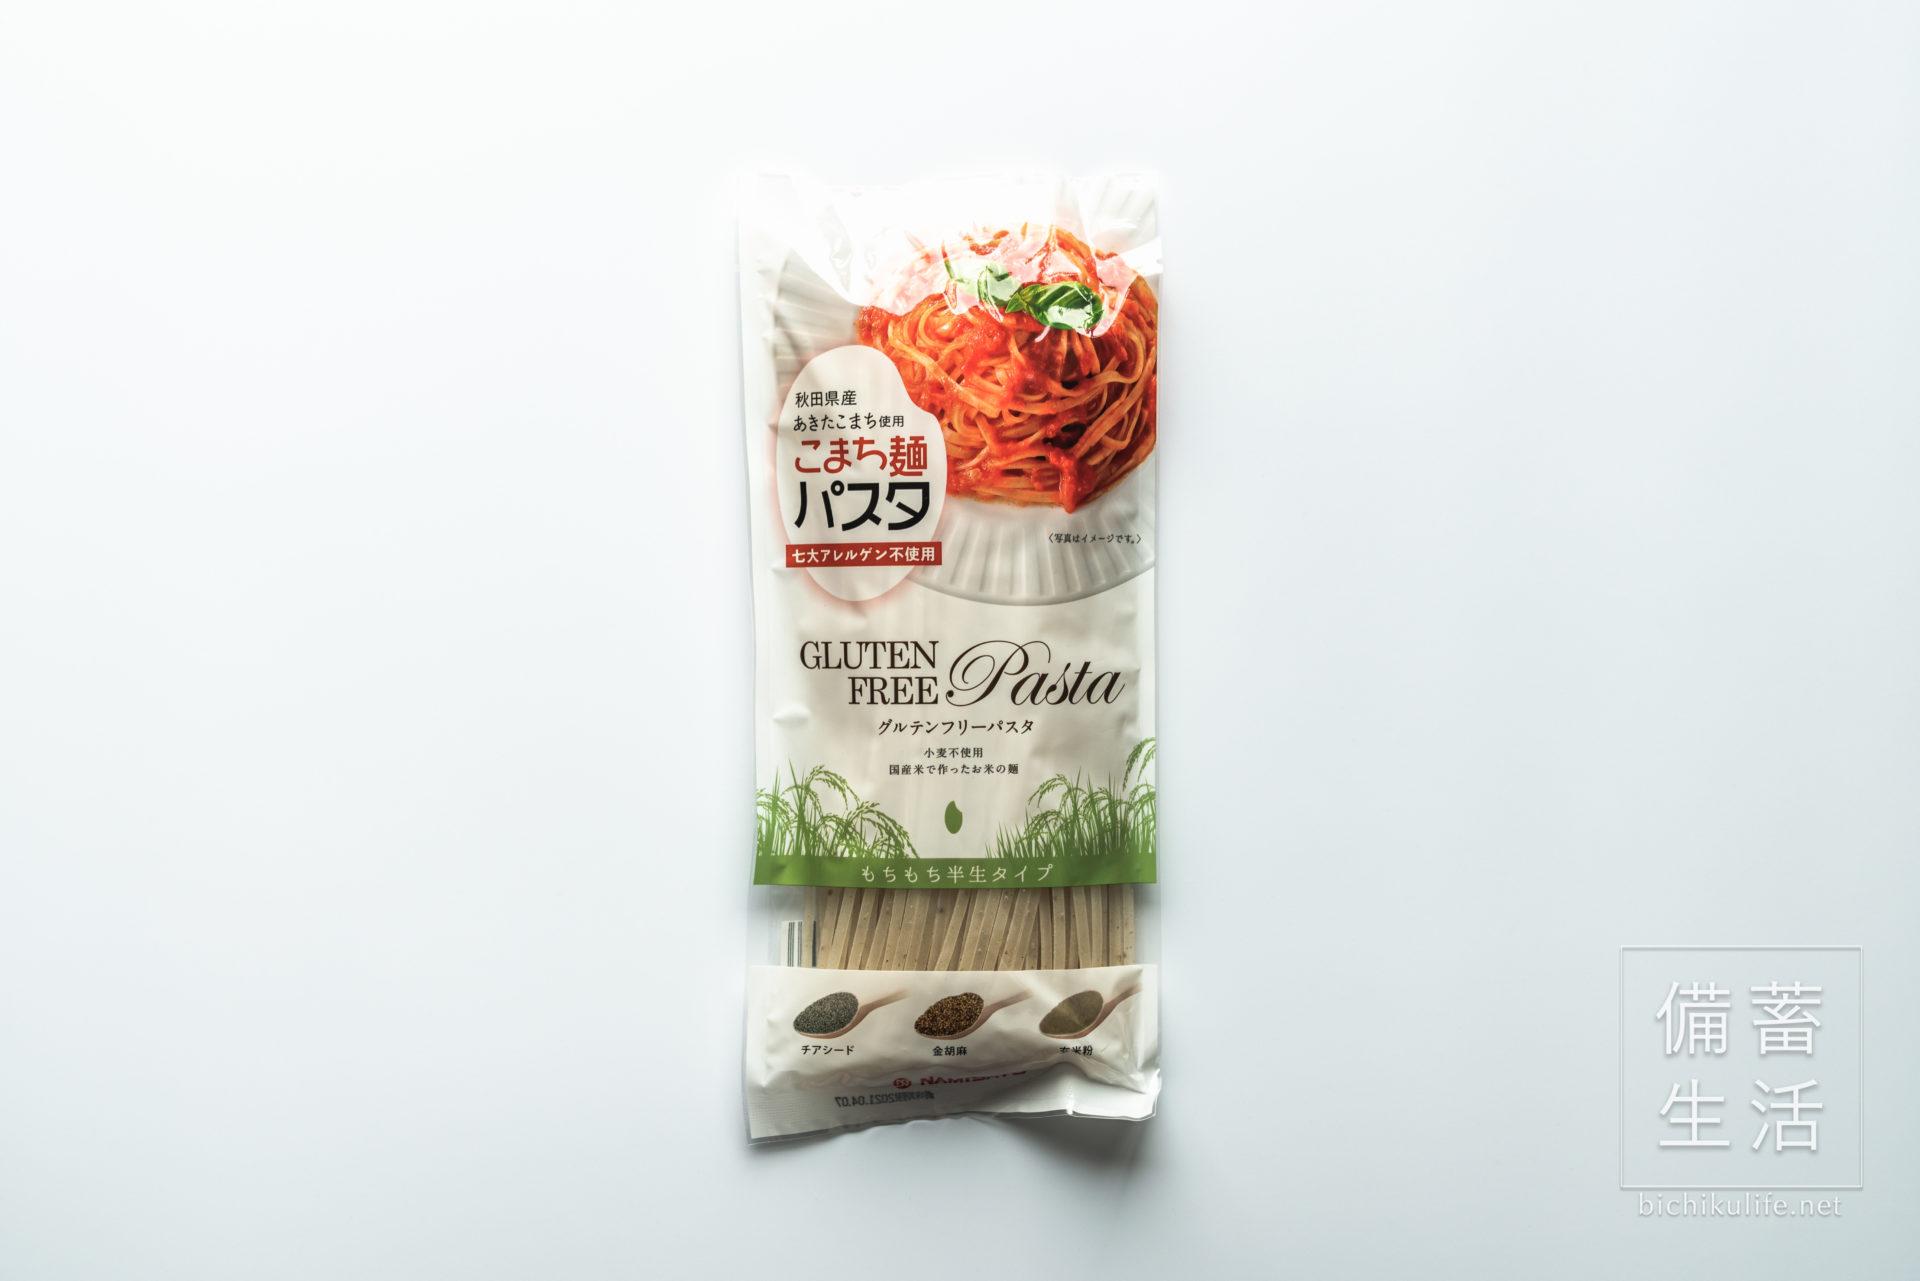 こまち麺 パスタ グルテンフリーのお米のパスタ